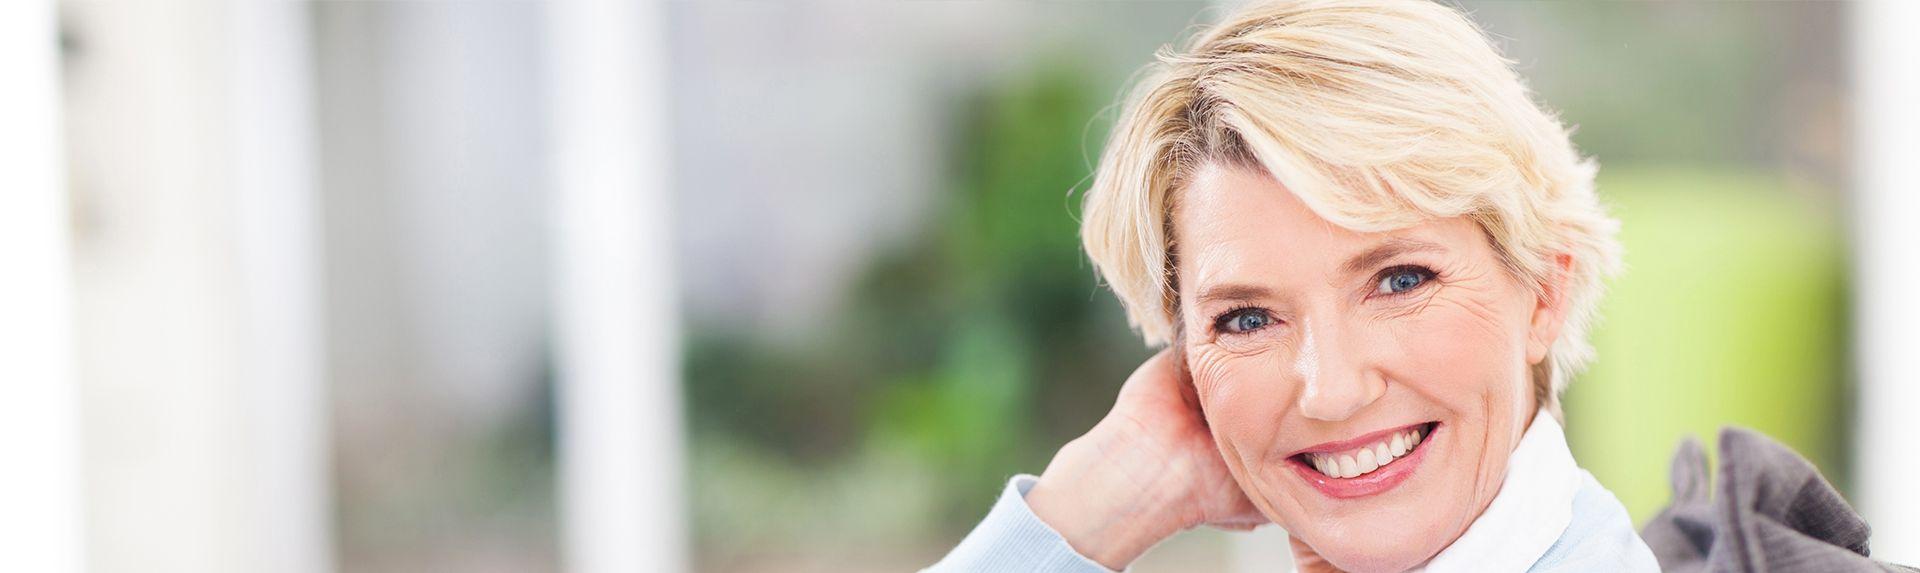 9 способов справиться с перепадами настроения